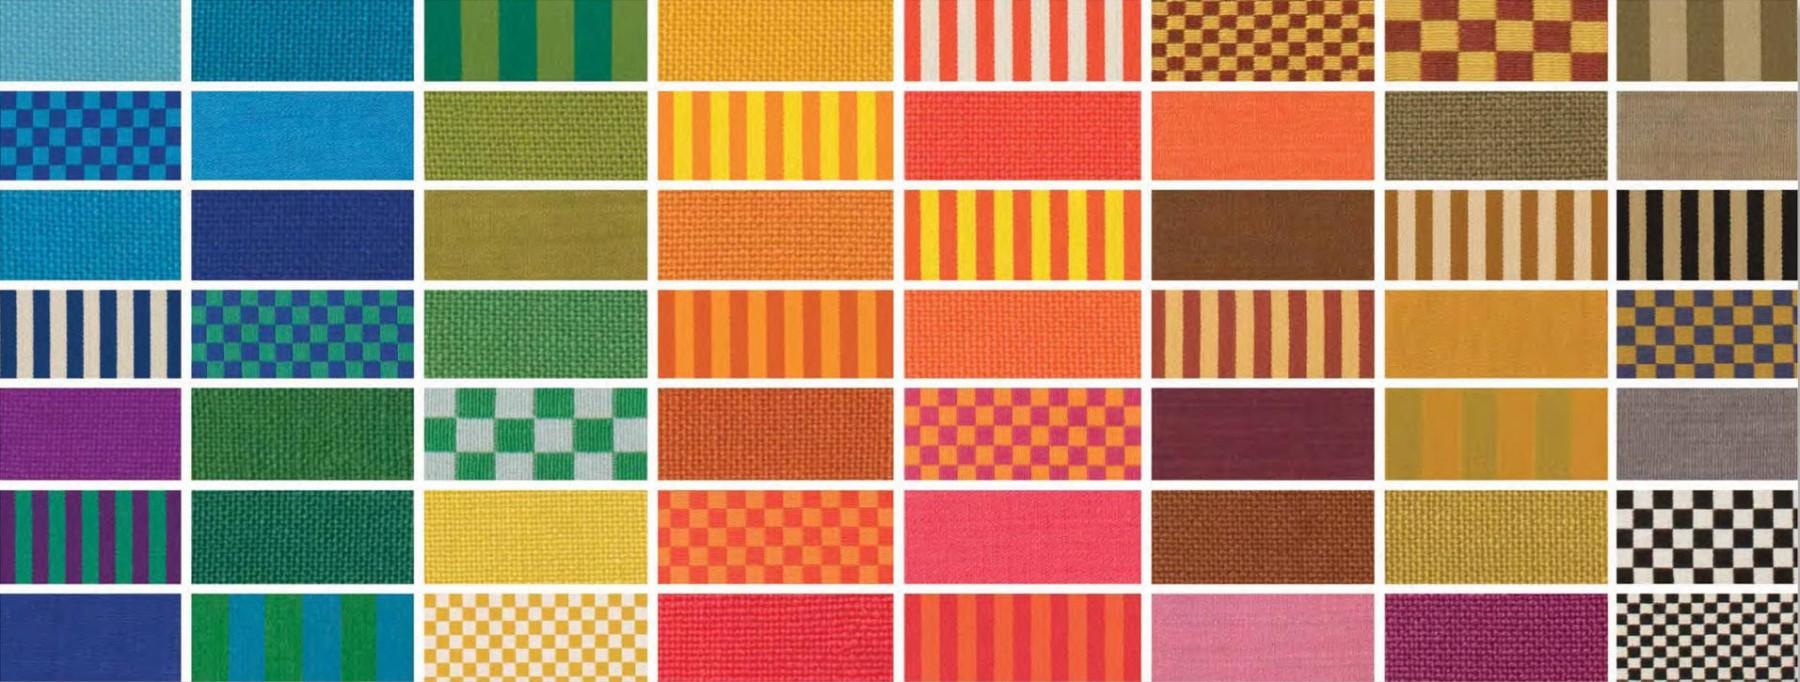 alexandergirard_textil-patterns